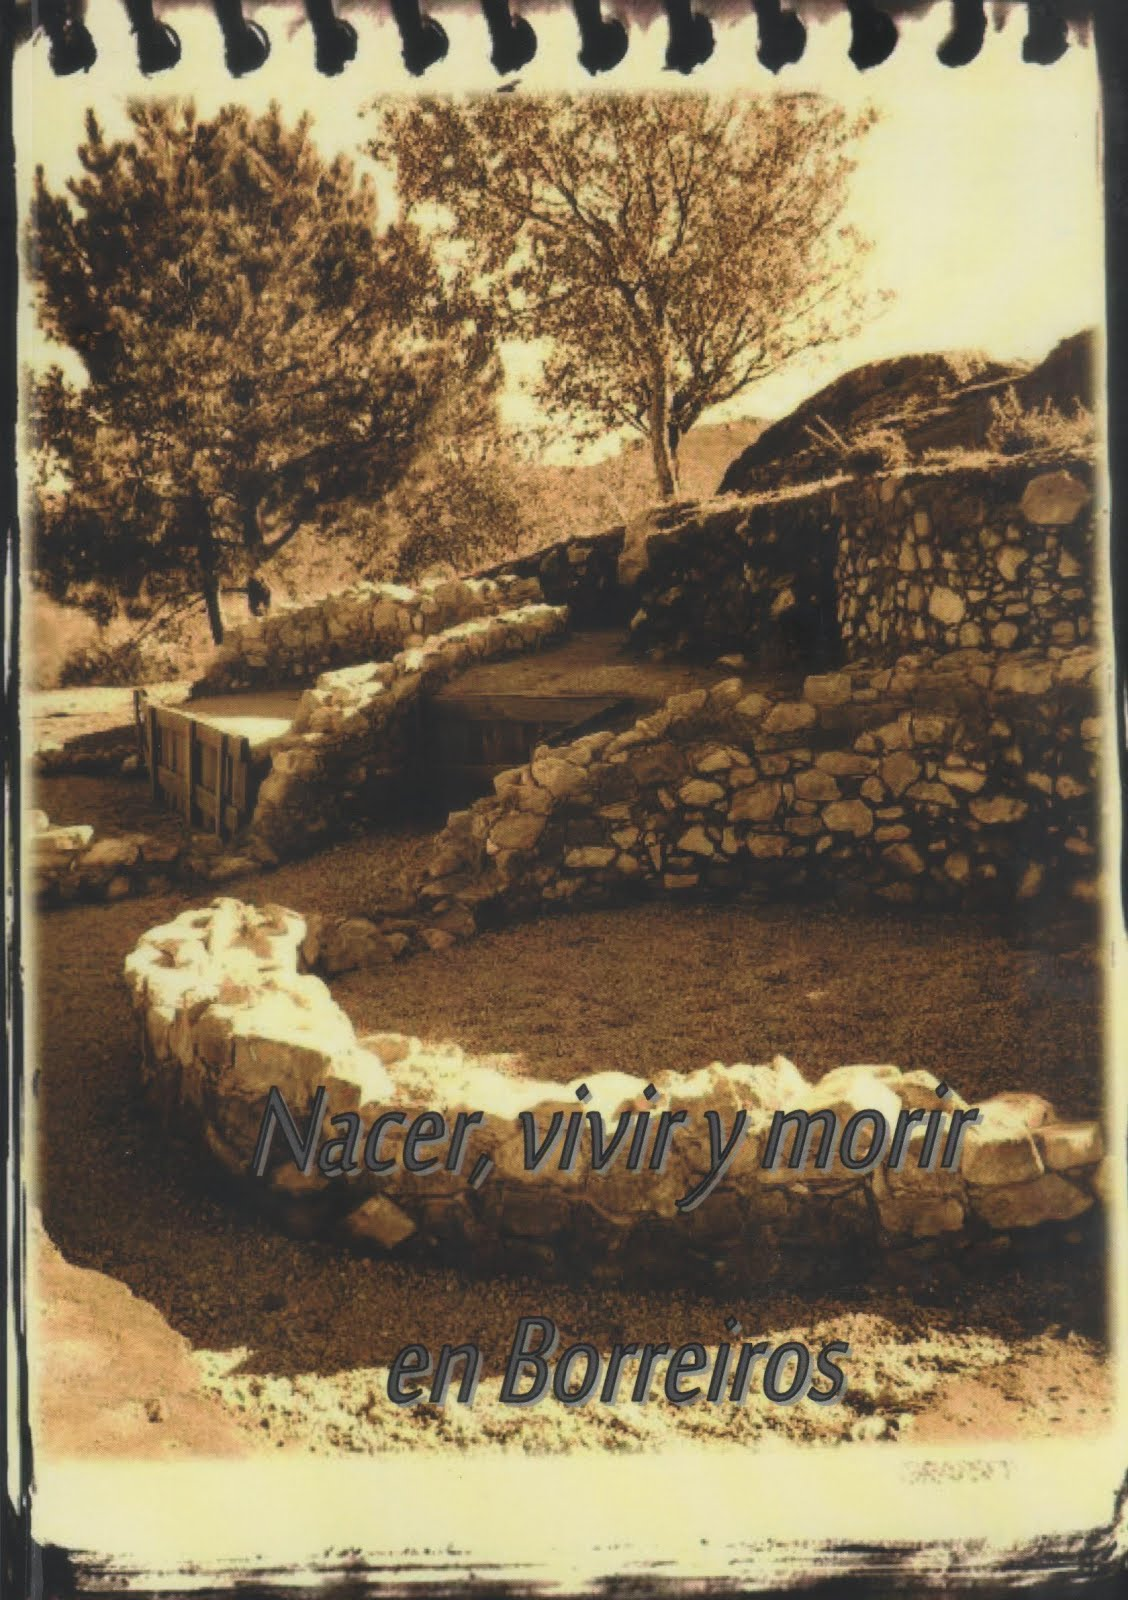 NACER, AMAR Y MORIR EN BORREIROS 4º libro